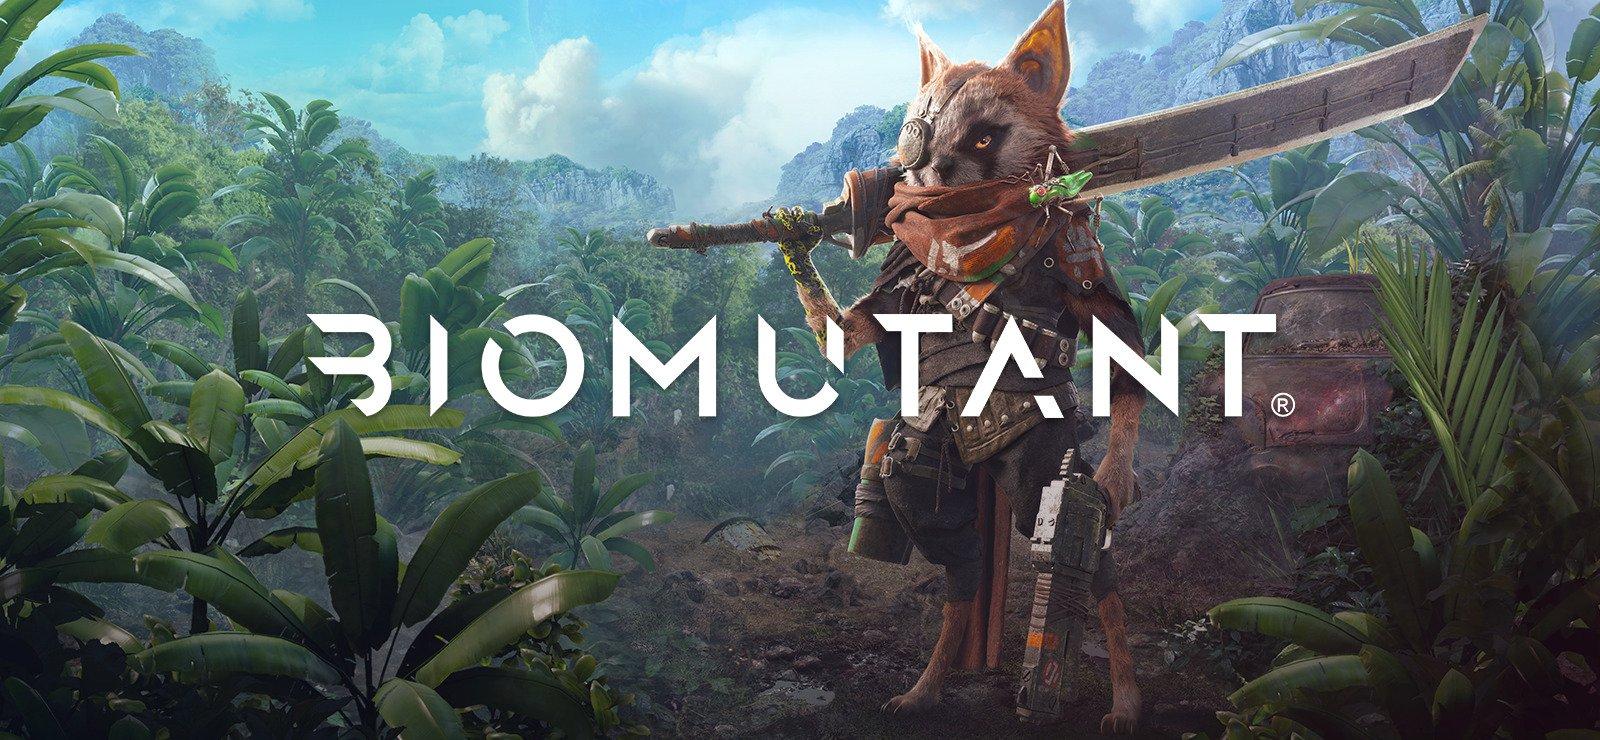 Biomutant, um jogo que ninguém mais esperava lançar tão cedo, está finalmente programado para ver a luz do dia nos próximos meses.